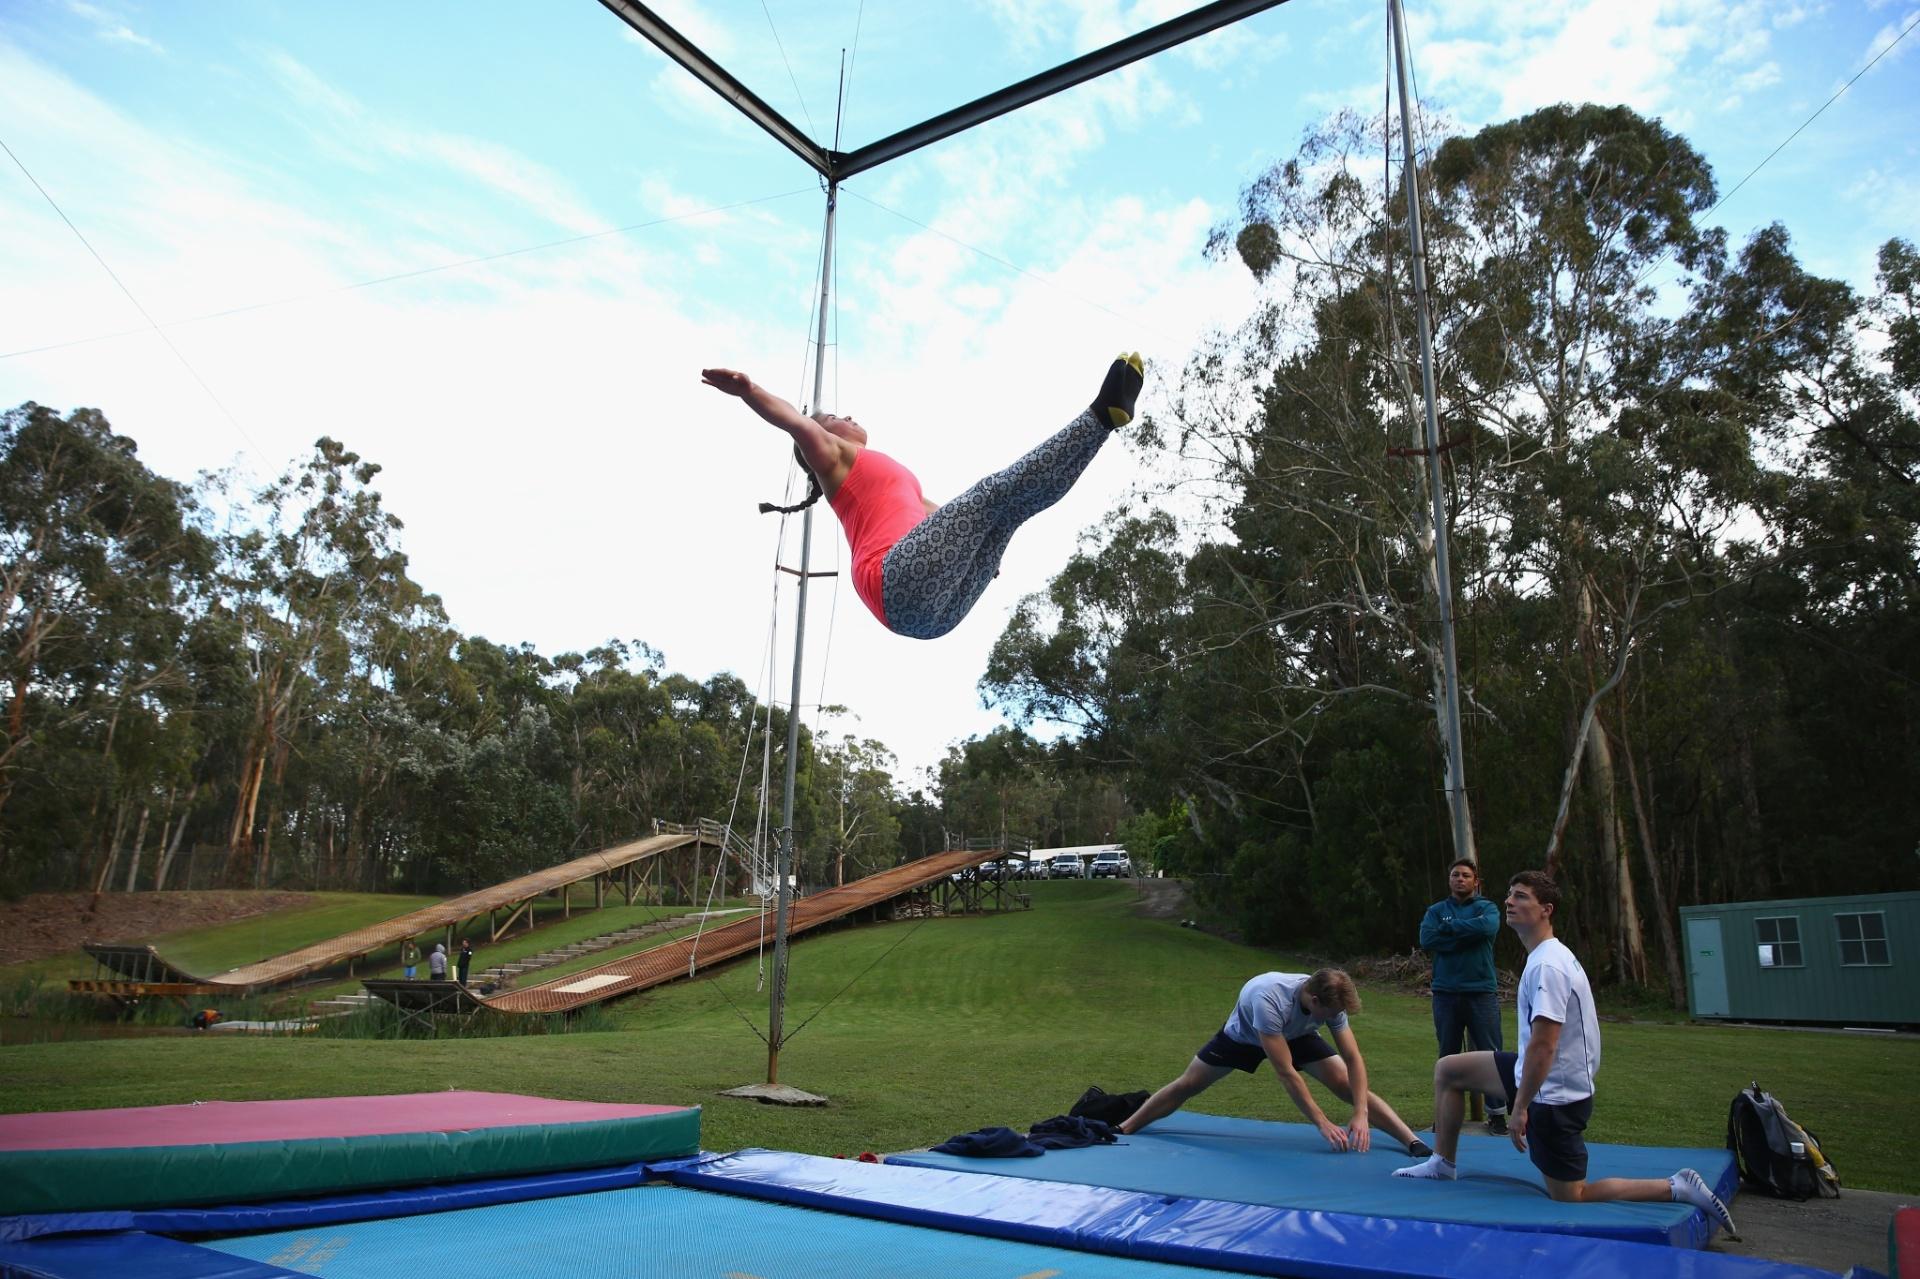 Britt Cox, de apenas 19 anos, faz exercício durante atividade da seleção australiana de Esqui, em Melbourne; ela treina com o restante dos atletas da modalidade Freestyle (Estilo livre) para as Olimpíadas de Inverno da Rússia, que acontecera na cidade de Sochi, em 2014